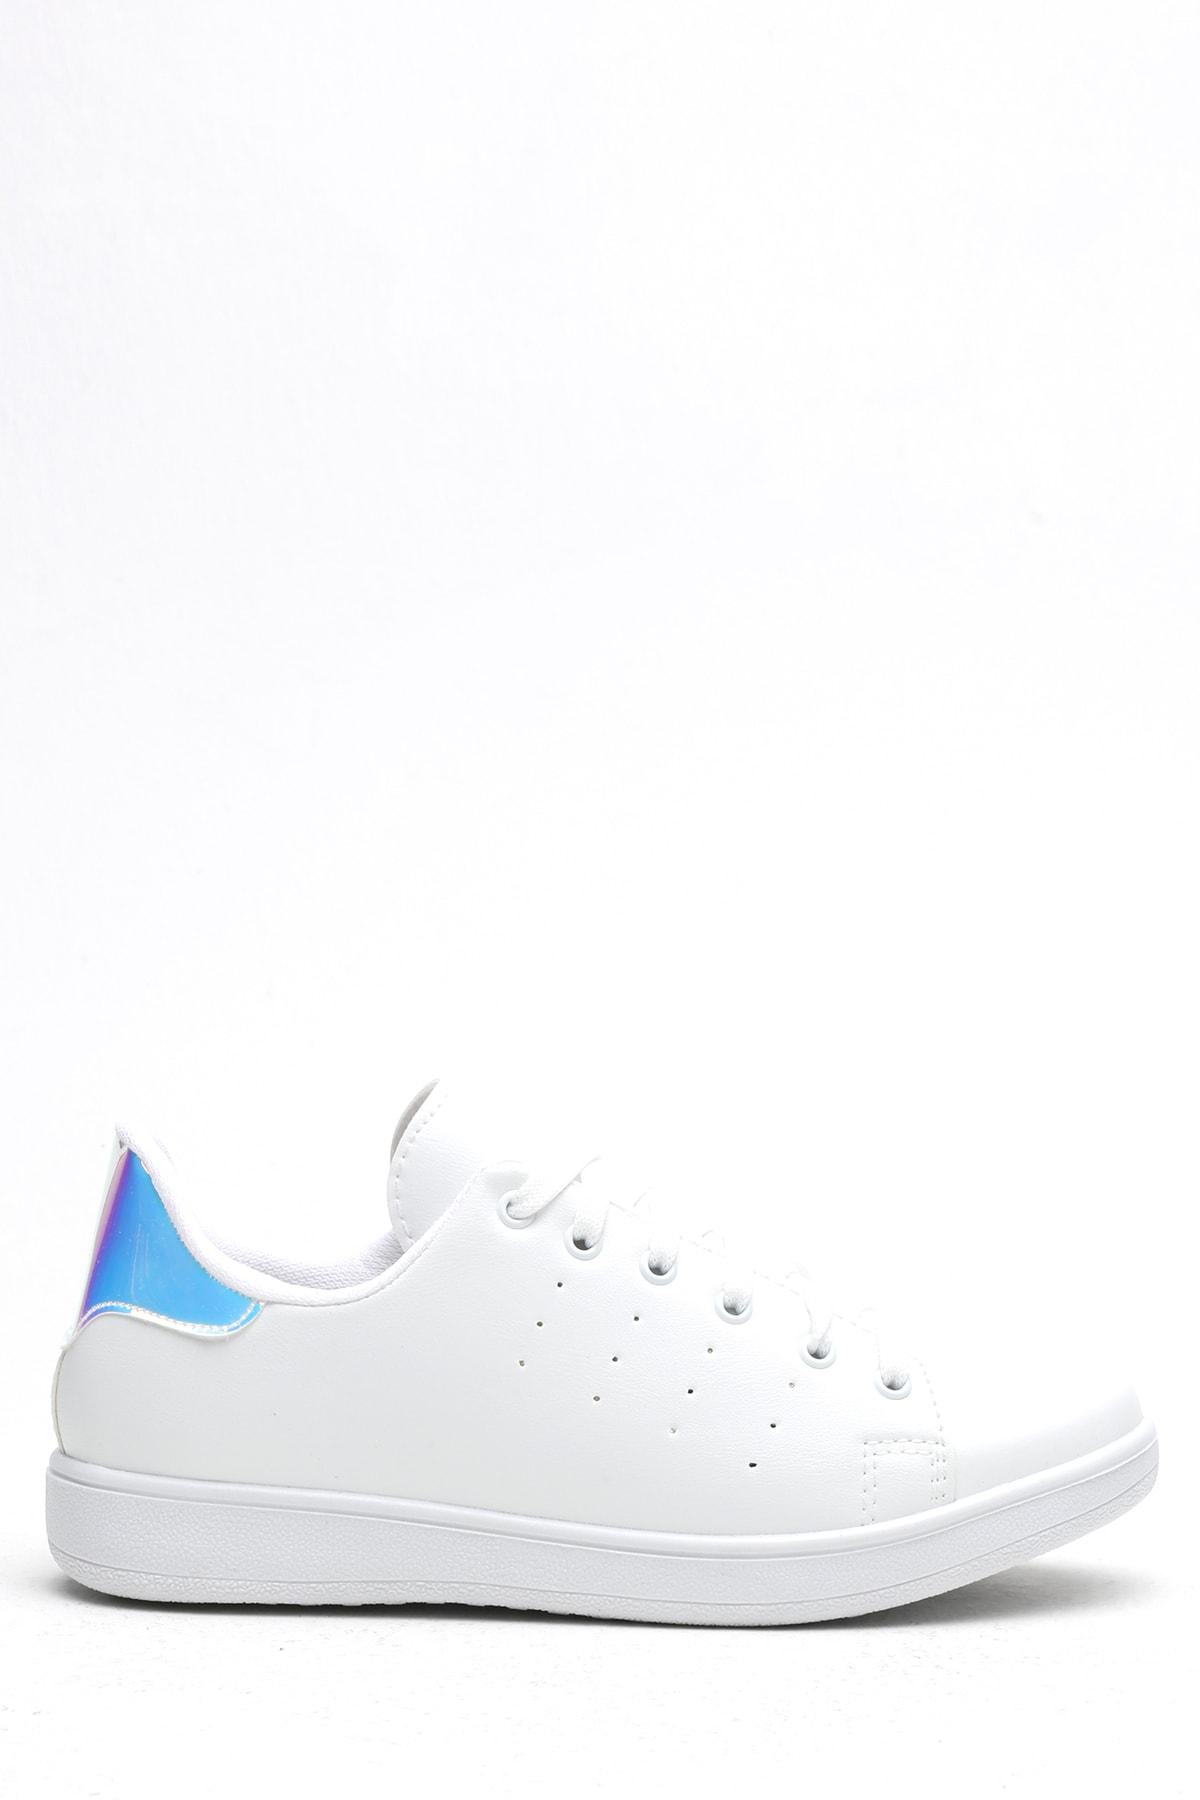 Ayakkabı Modası Beyaz-Mavi Kadın Casual Ayakkabı BM-4000-19-110003